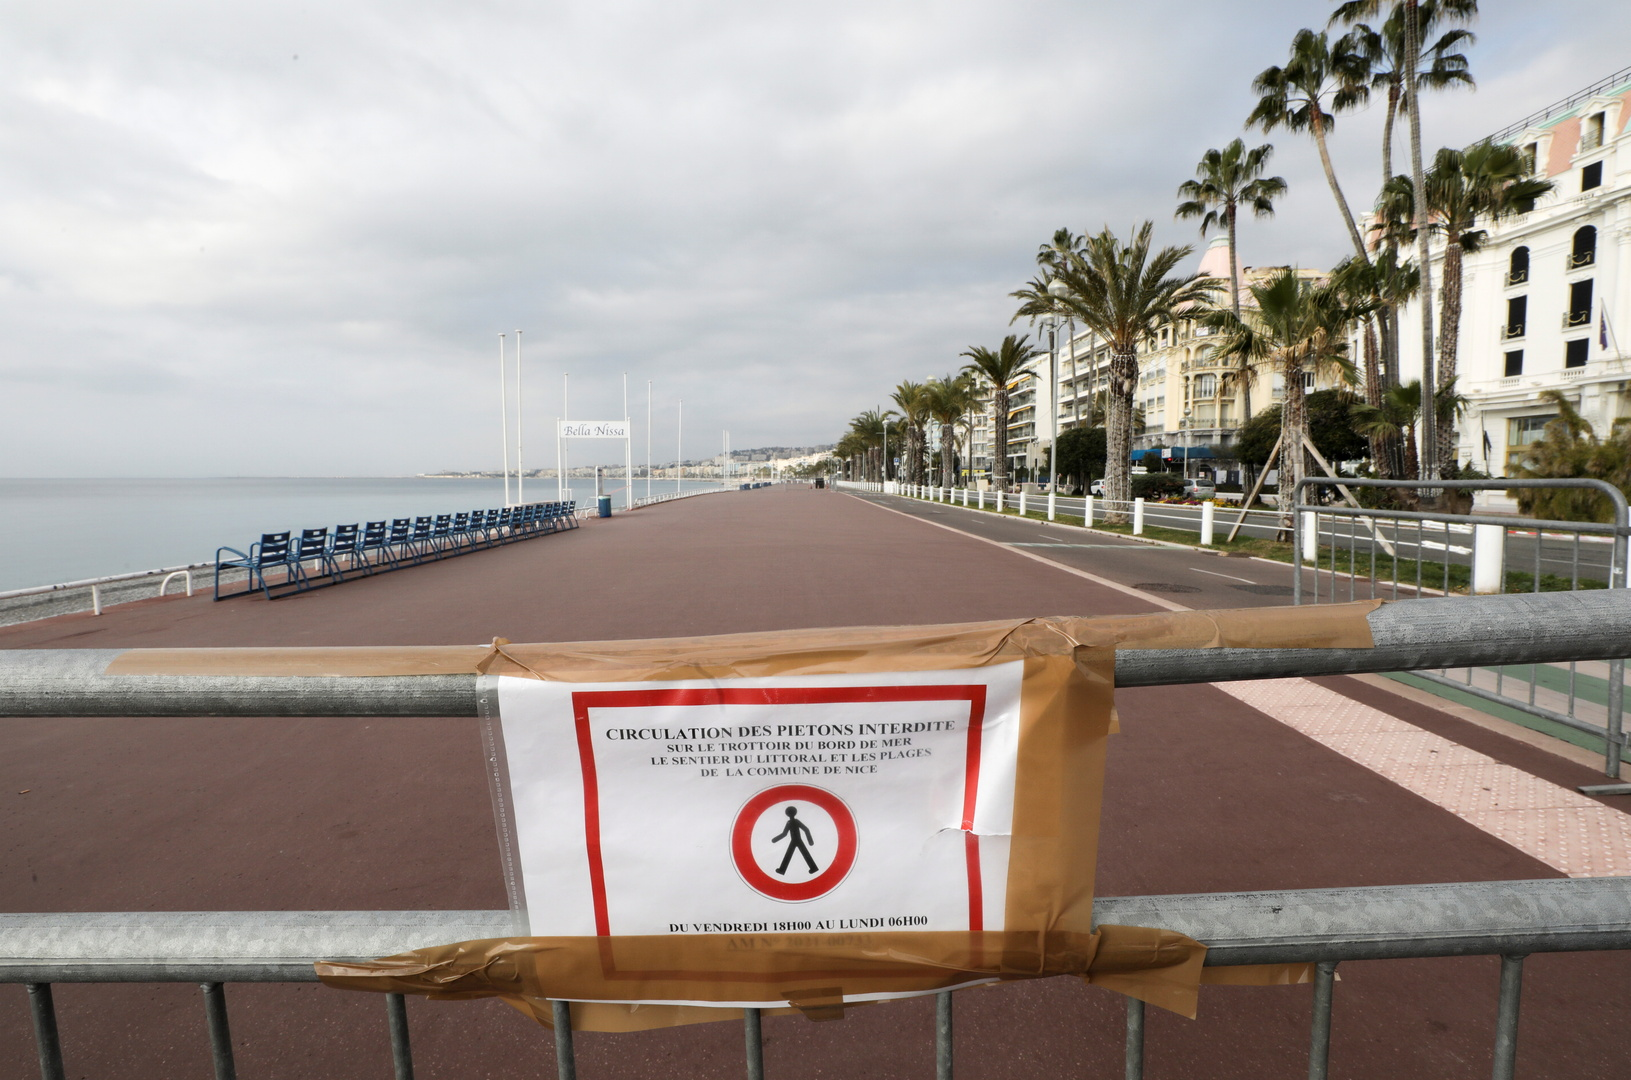 فرنسا تسجل 130 وفاة 21825 إصابة جديدة بفيروس كورونا